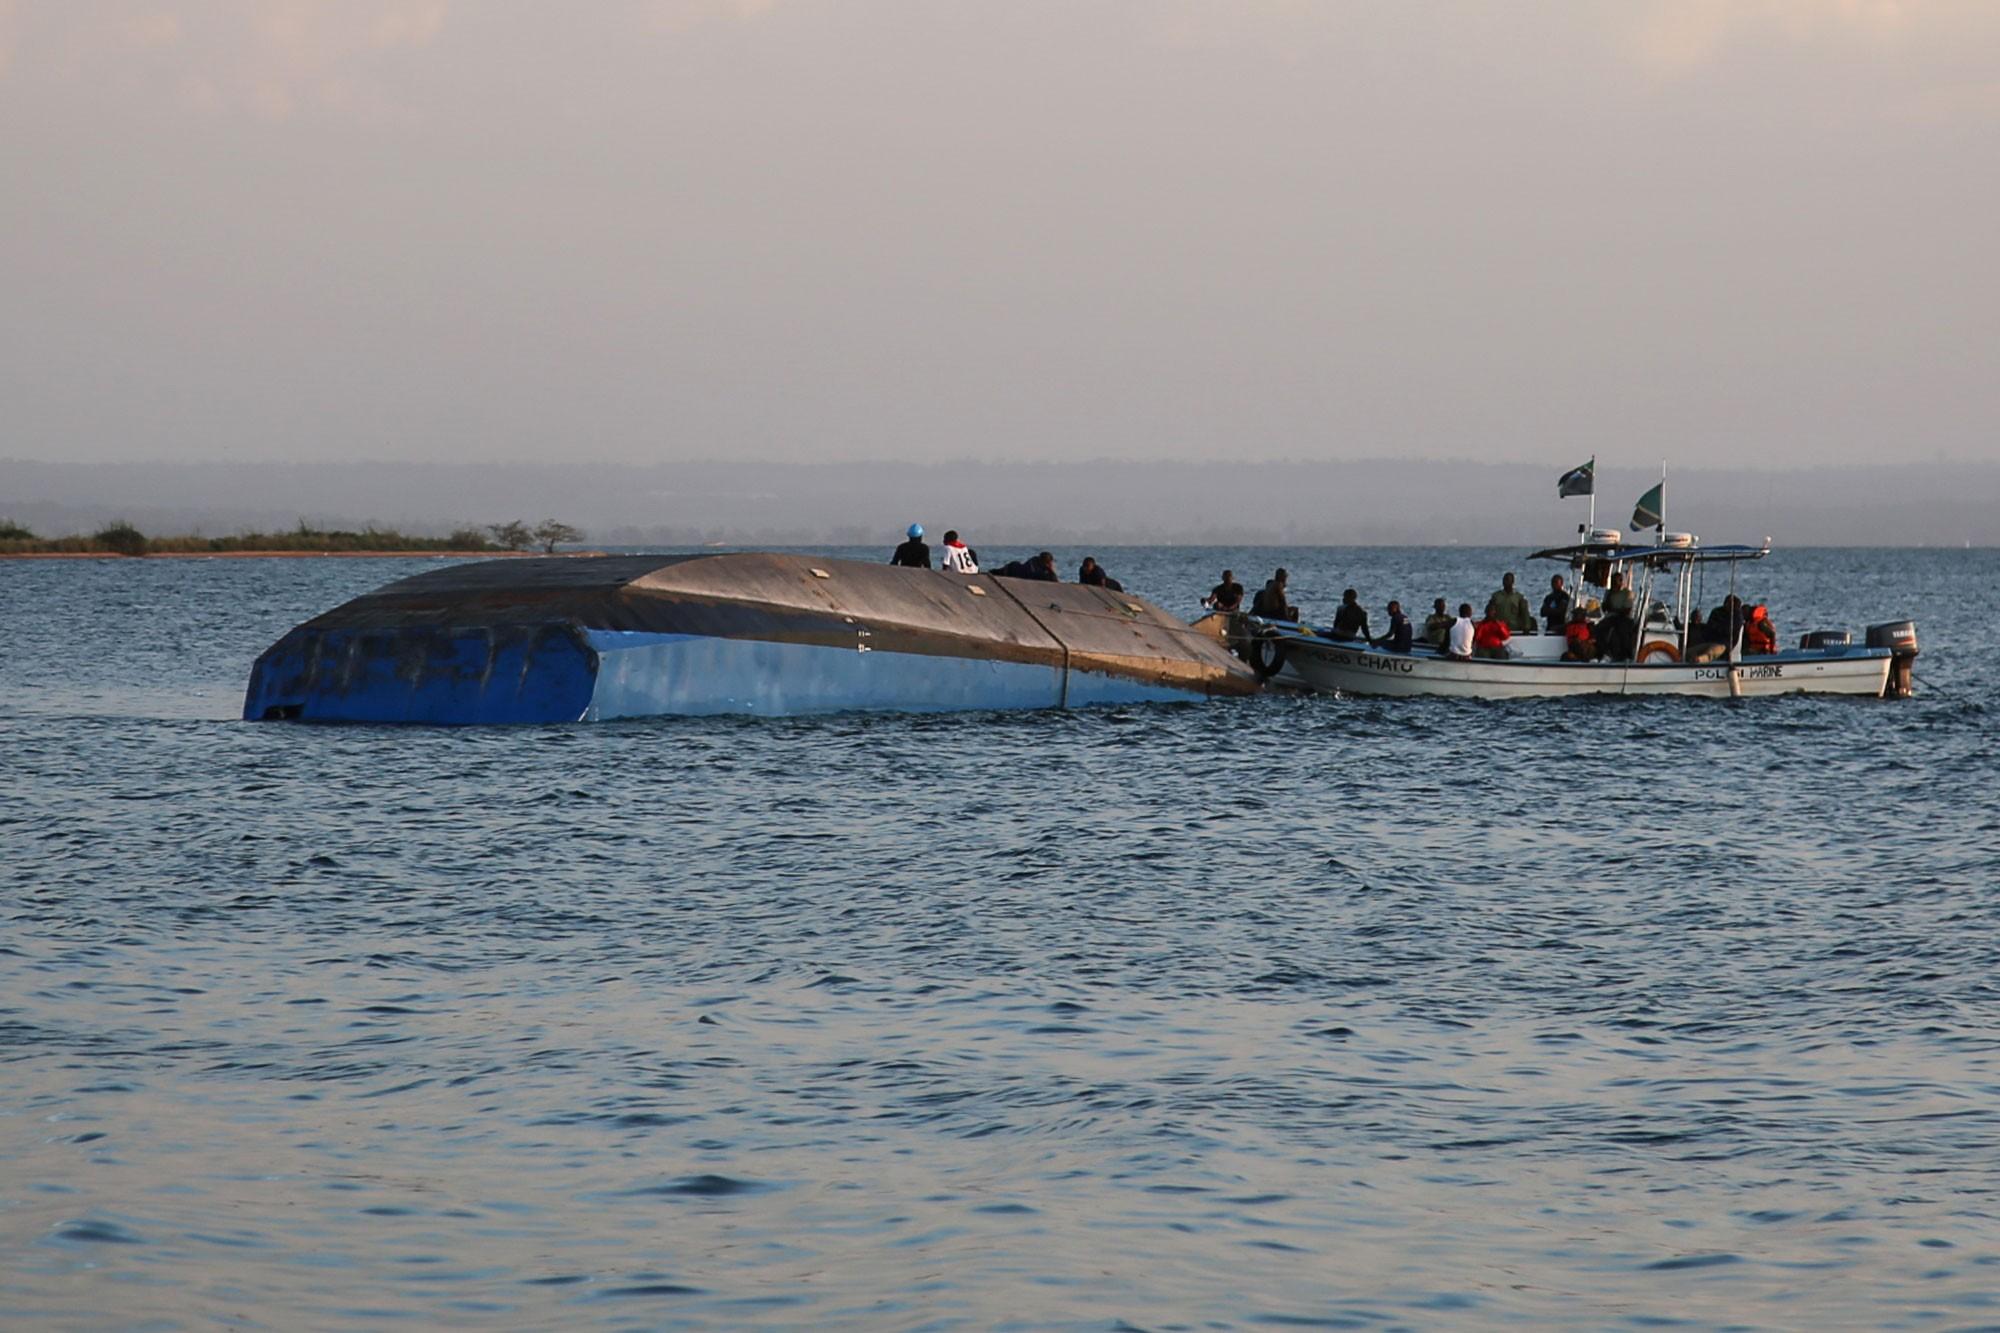 Homem é resgatado com vida após naufrágio em lago na Tanzânia que matou mais de 200